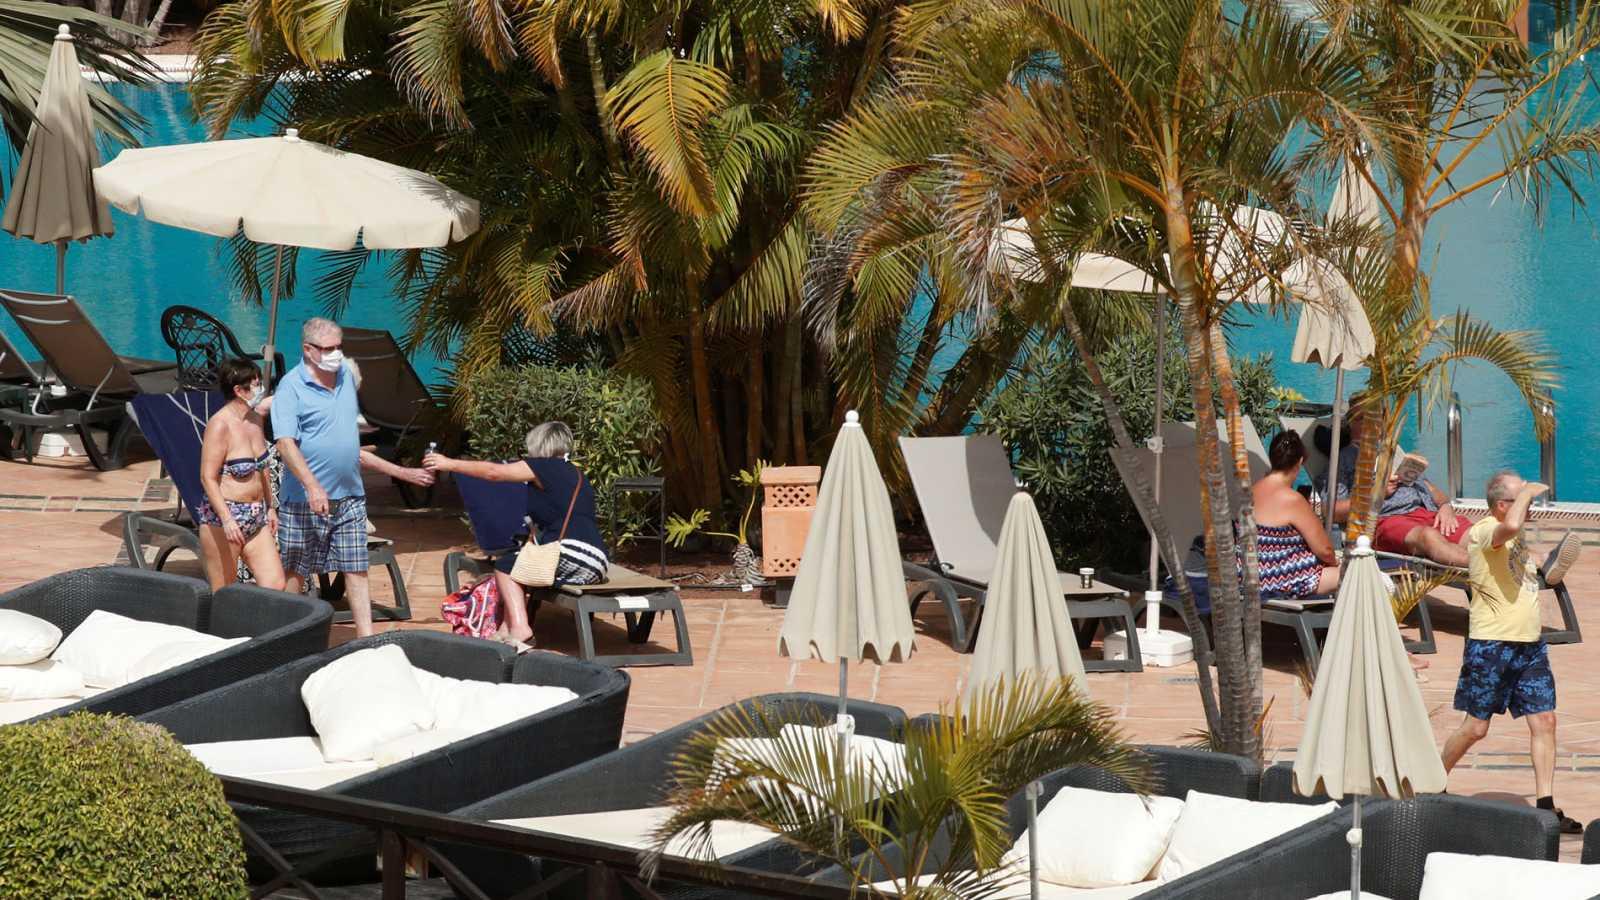 Así viven el aislamiento los huéspedes y trabajadores del hotel de Tenerife